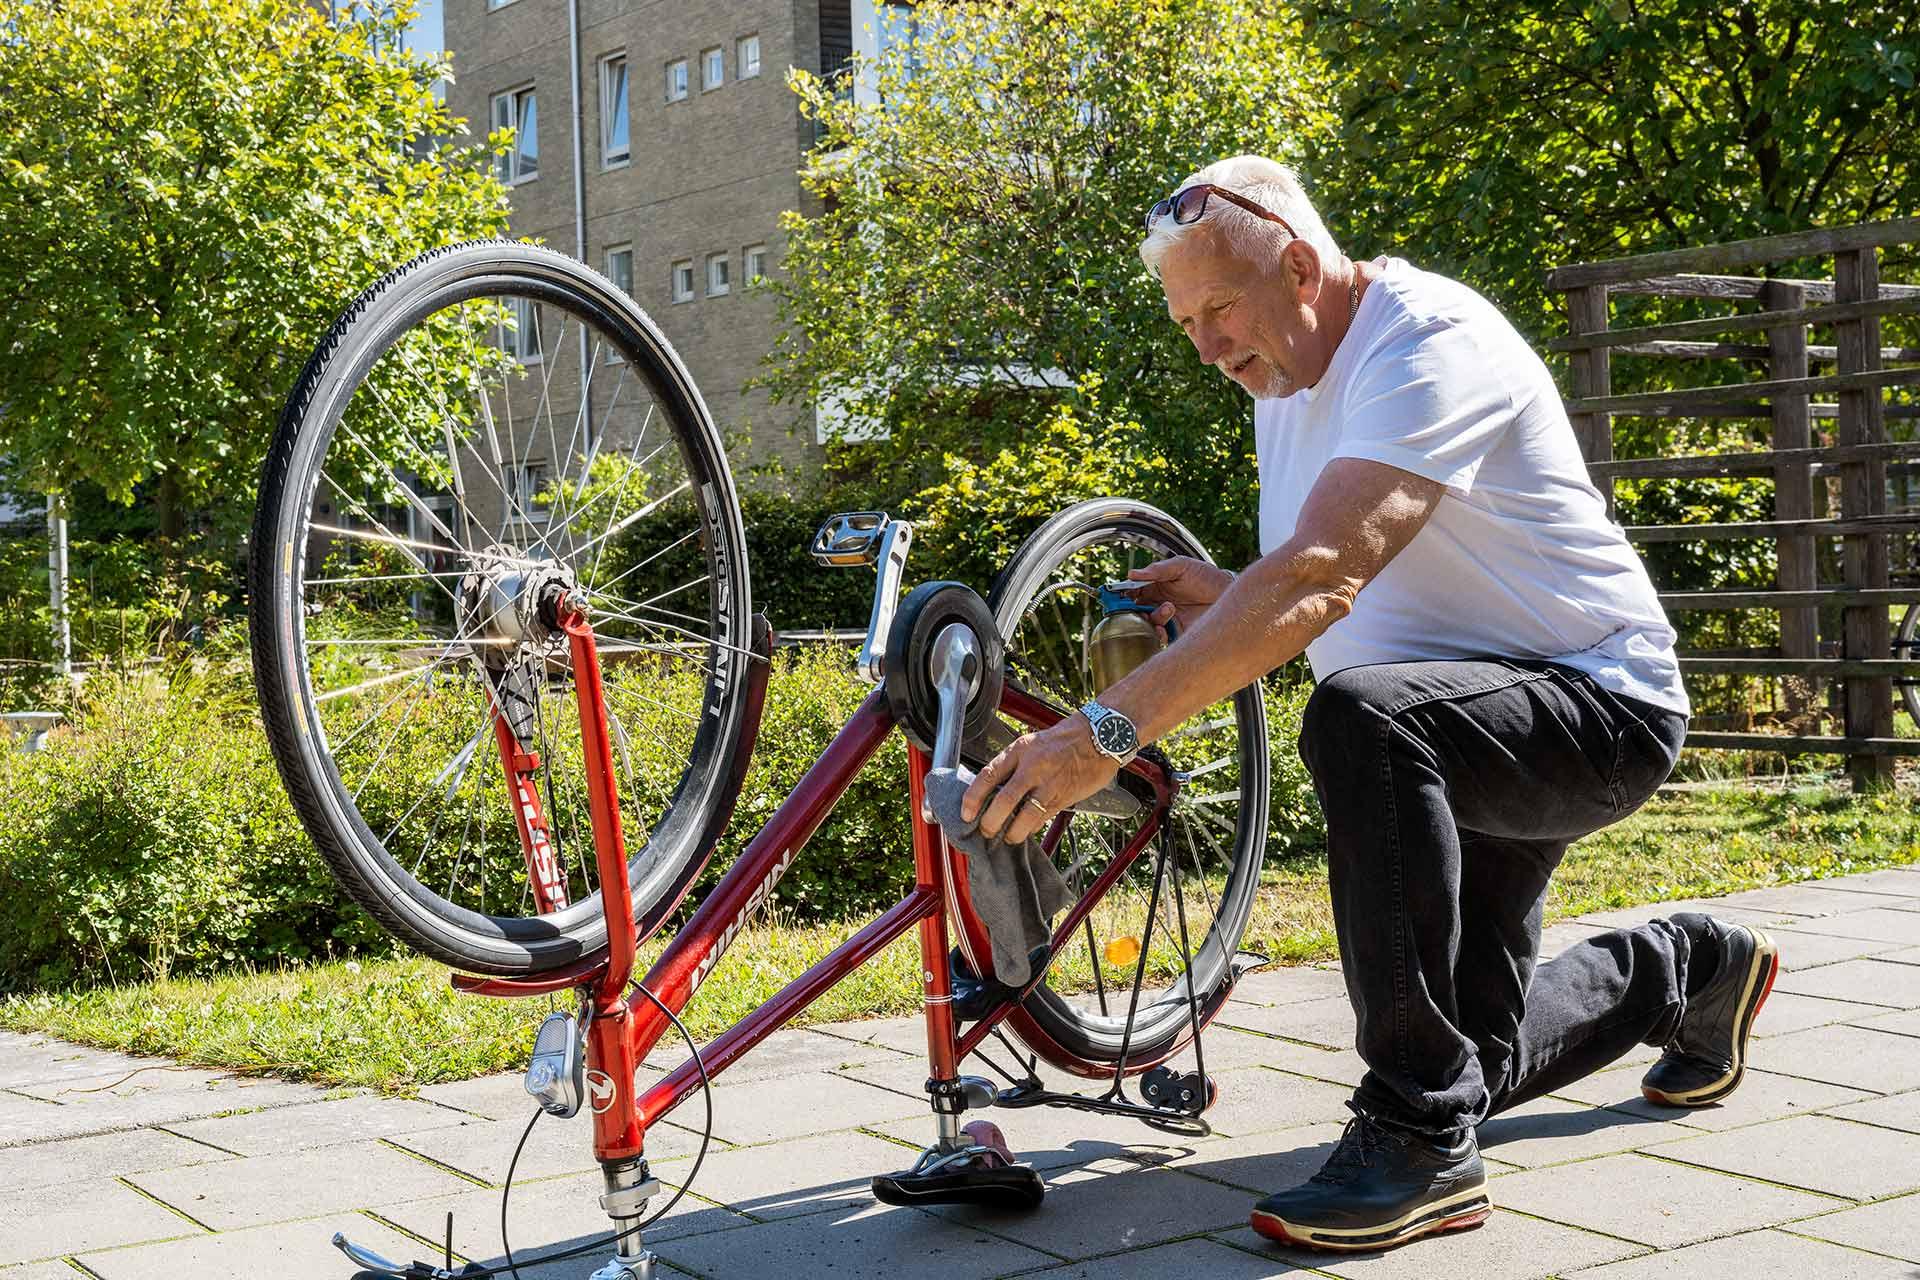 Testa och låt bilen stå i några veckor och ta istället din cykel till jobbet, affären eller aktiviteten. Bra för ekonomin, miljön och hälsan.